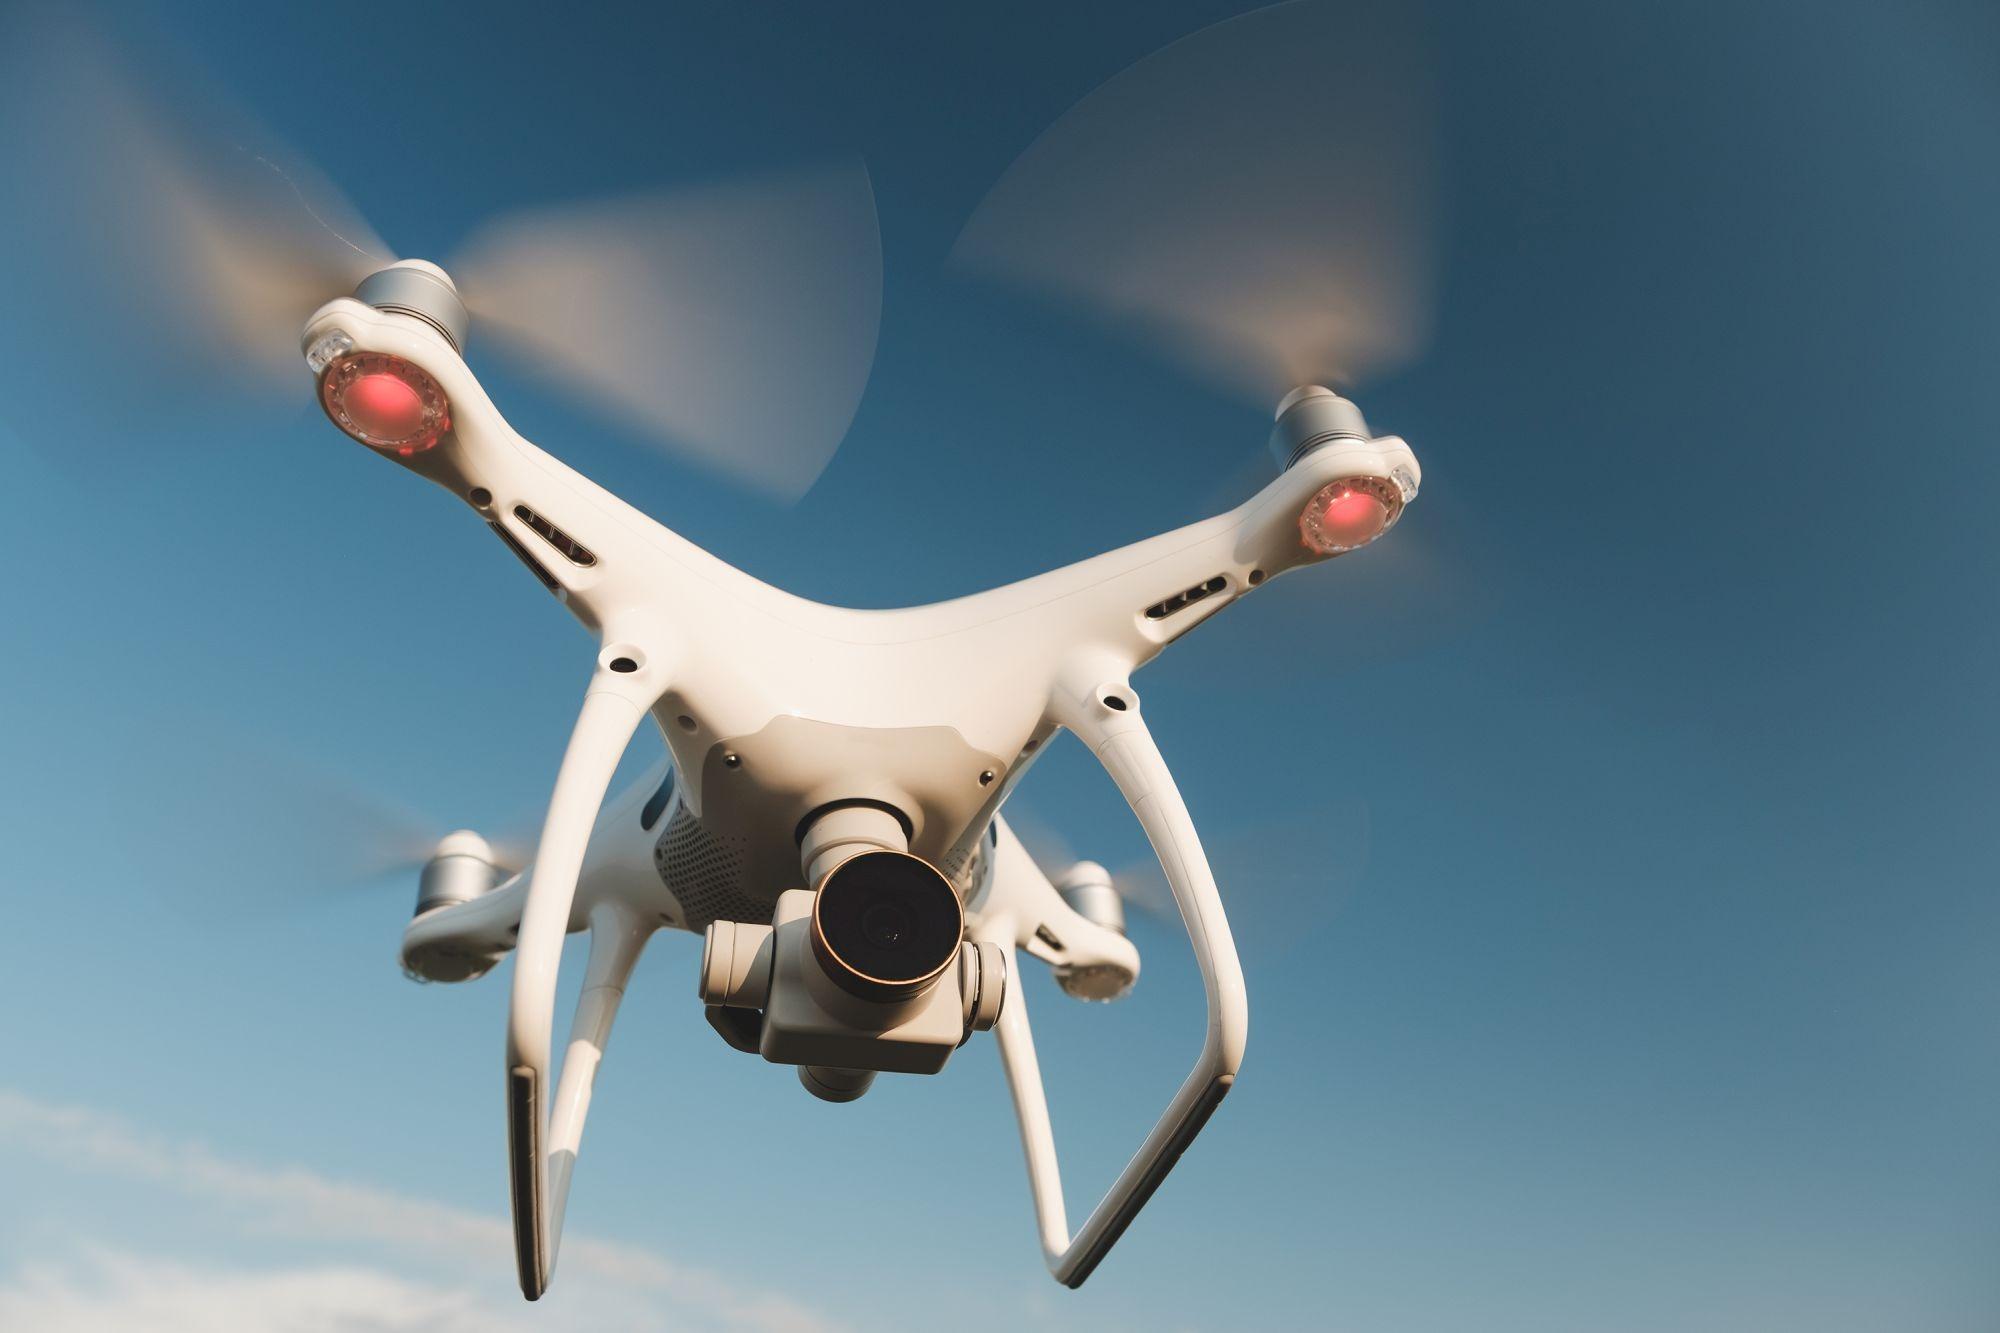 Drón repülés közben